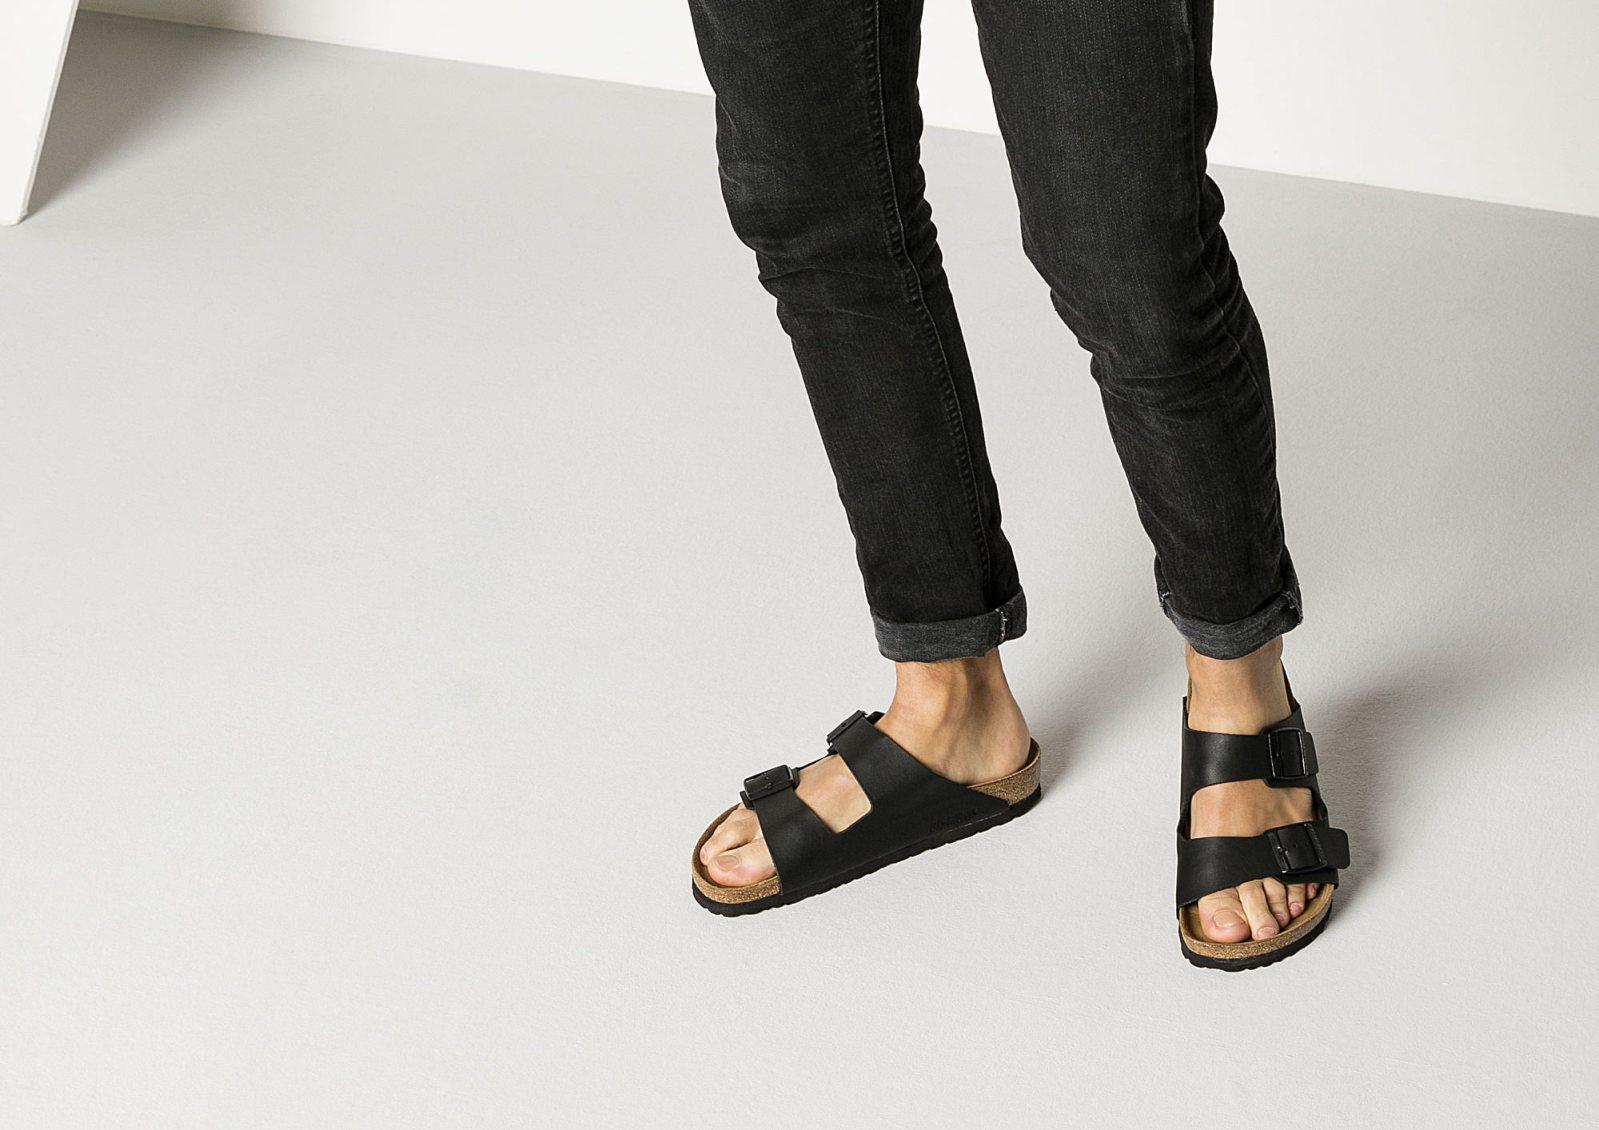 Porte Chaussure Derriere Porte quelles chaussures d'été pour homme choisir ? les